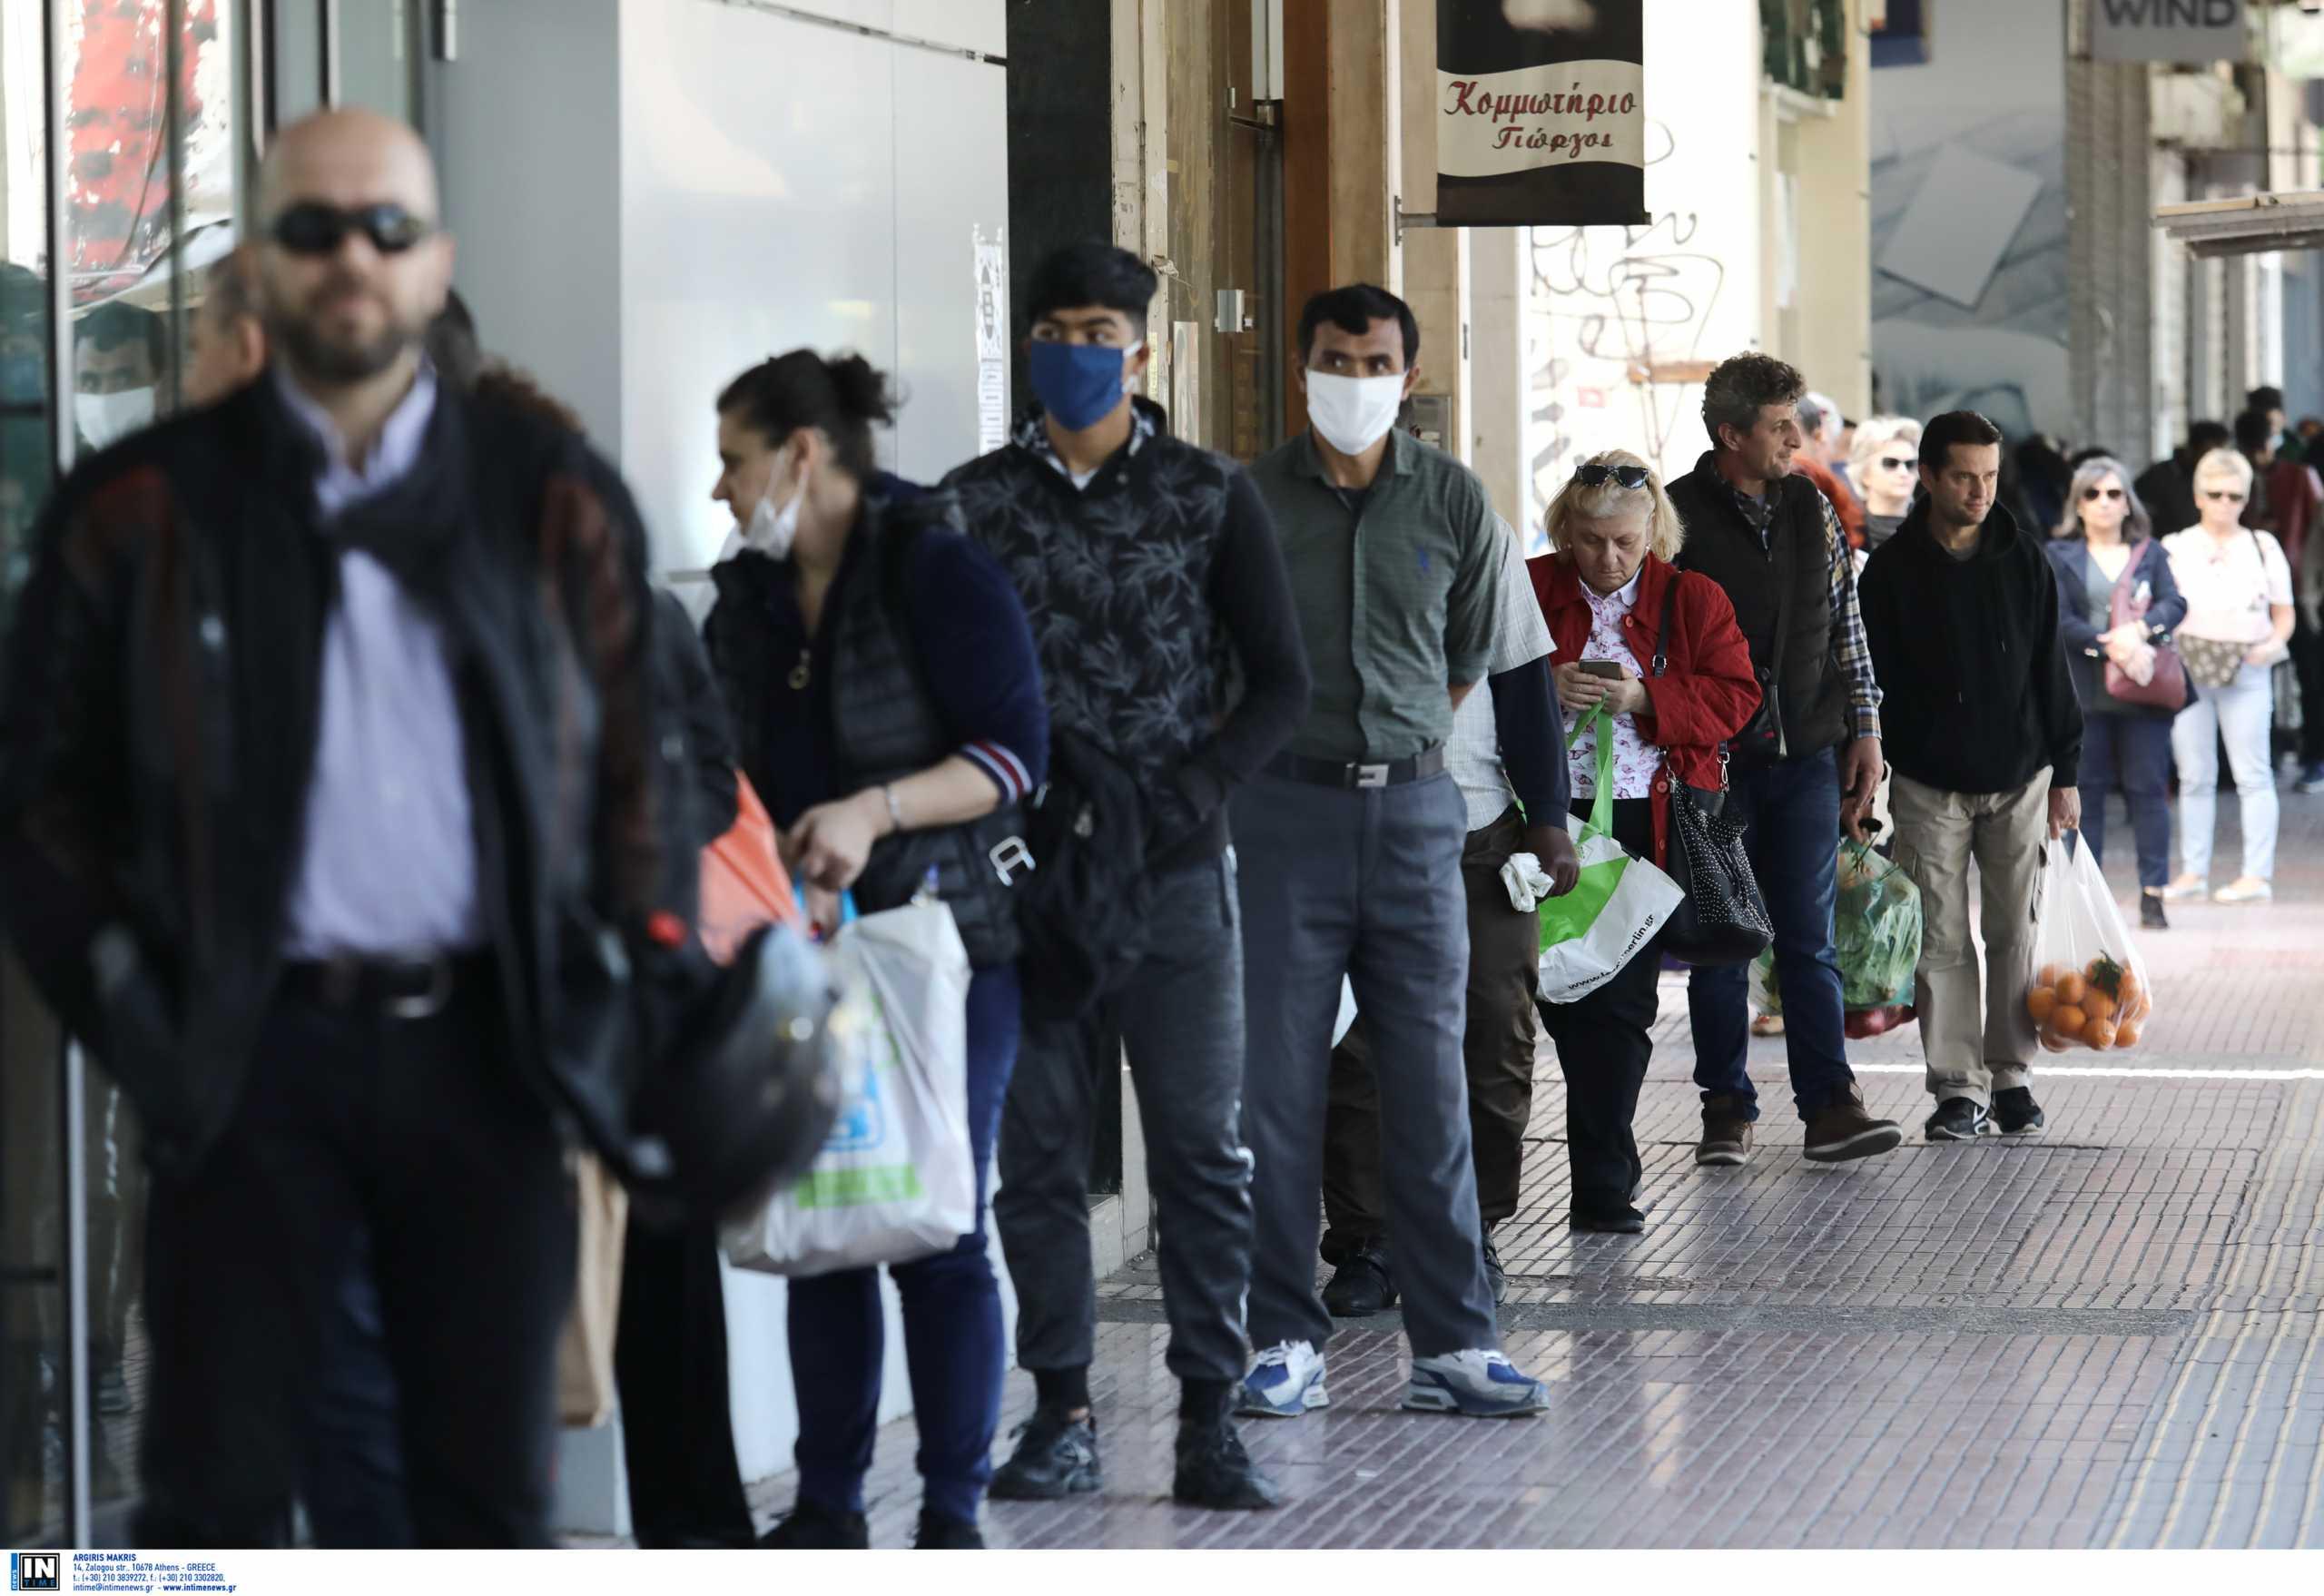 Ανησυχία ΙΕΛΚΑ: Μεγάλες ουρές έξω από τα καταστήματα τις ώρες αιχμής